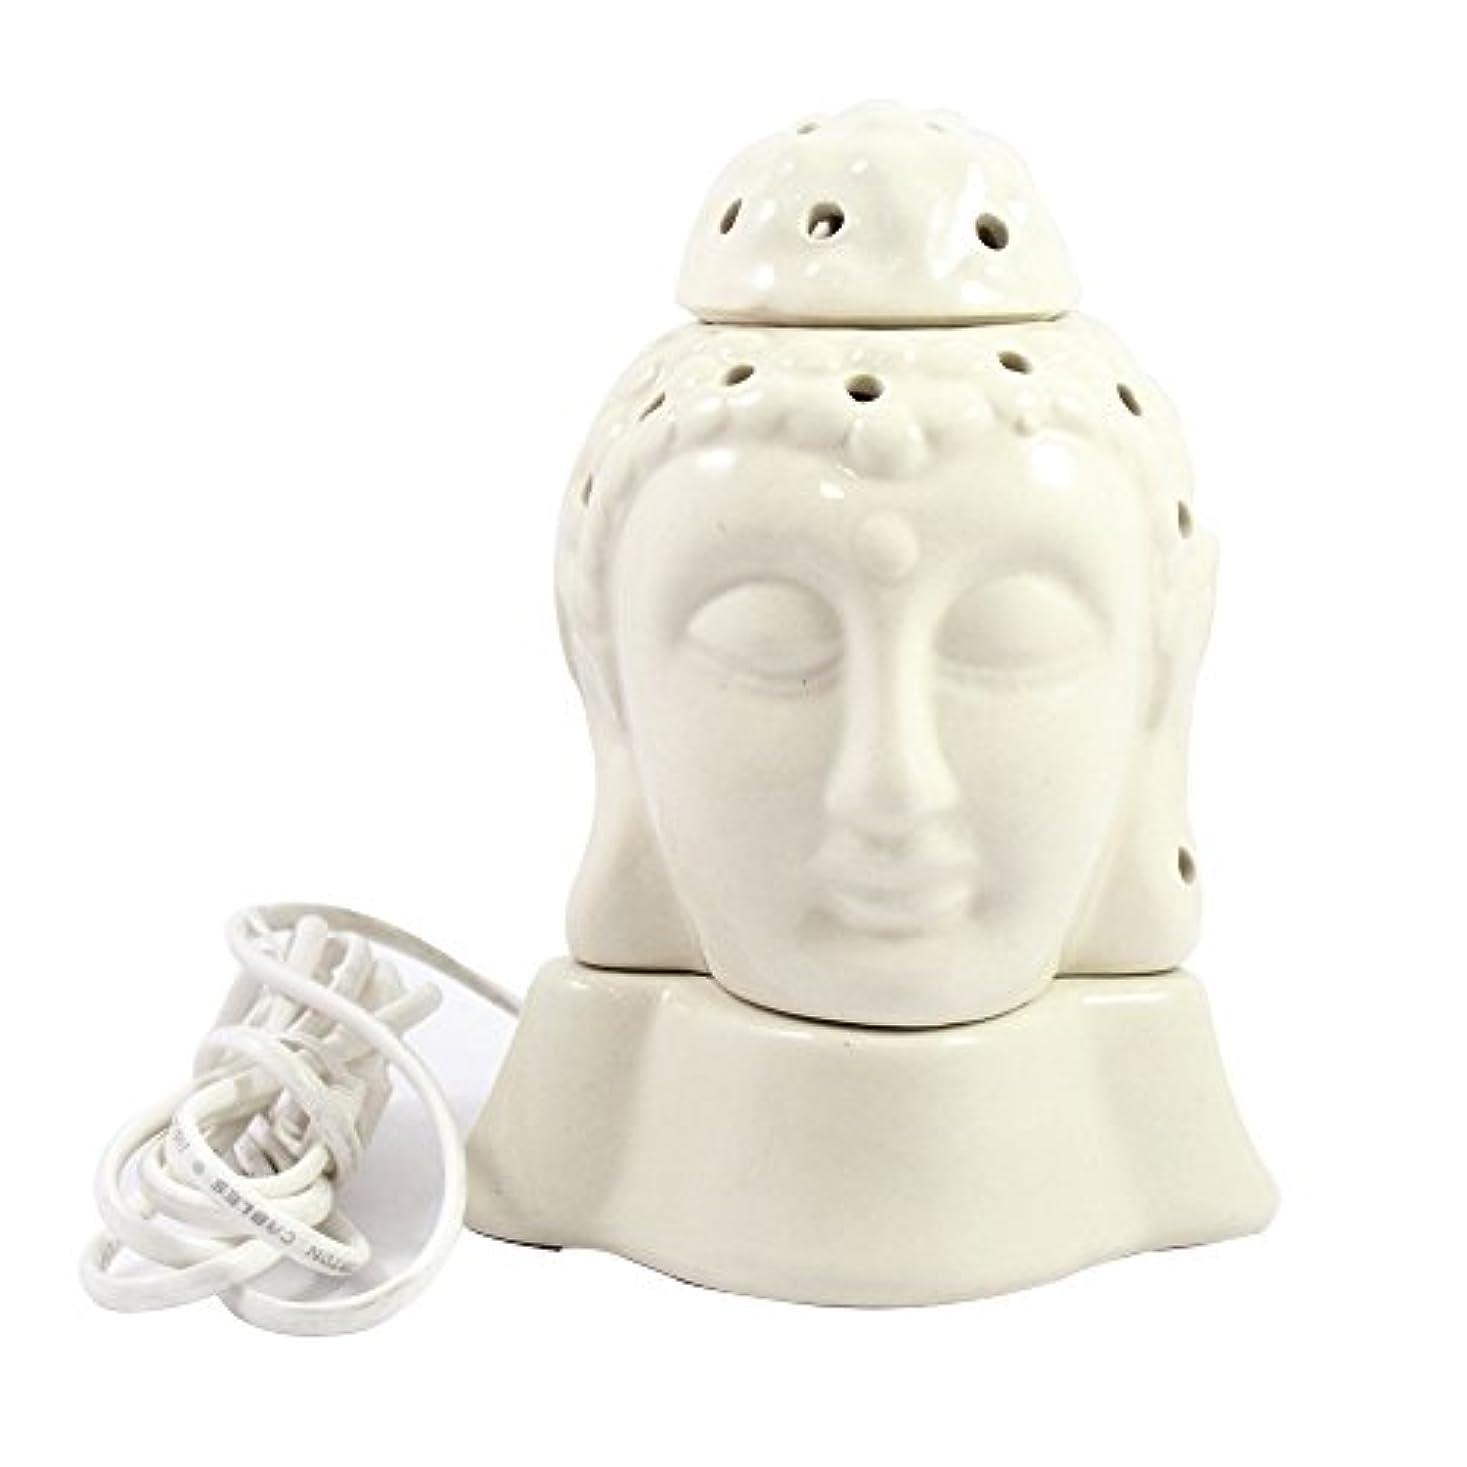 アパルプランテーション終了するGautama Buddha電気アロマオイルバーナー&ティーライトランプ/良質ホワイトカラー数量1 /汚染無料手作りセラミック主仏電気T - ライトランプ&香油ディフューザー